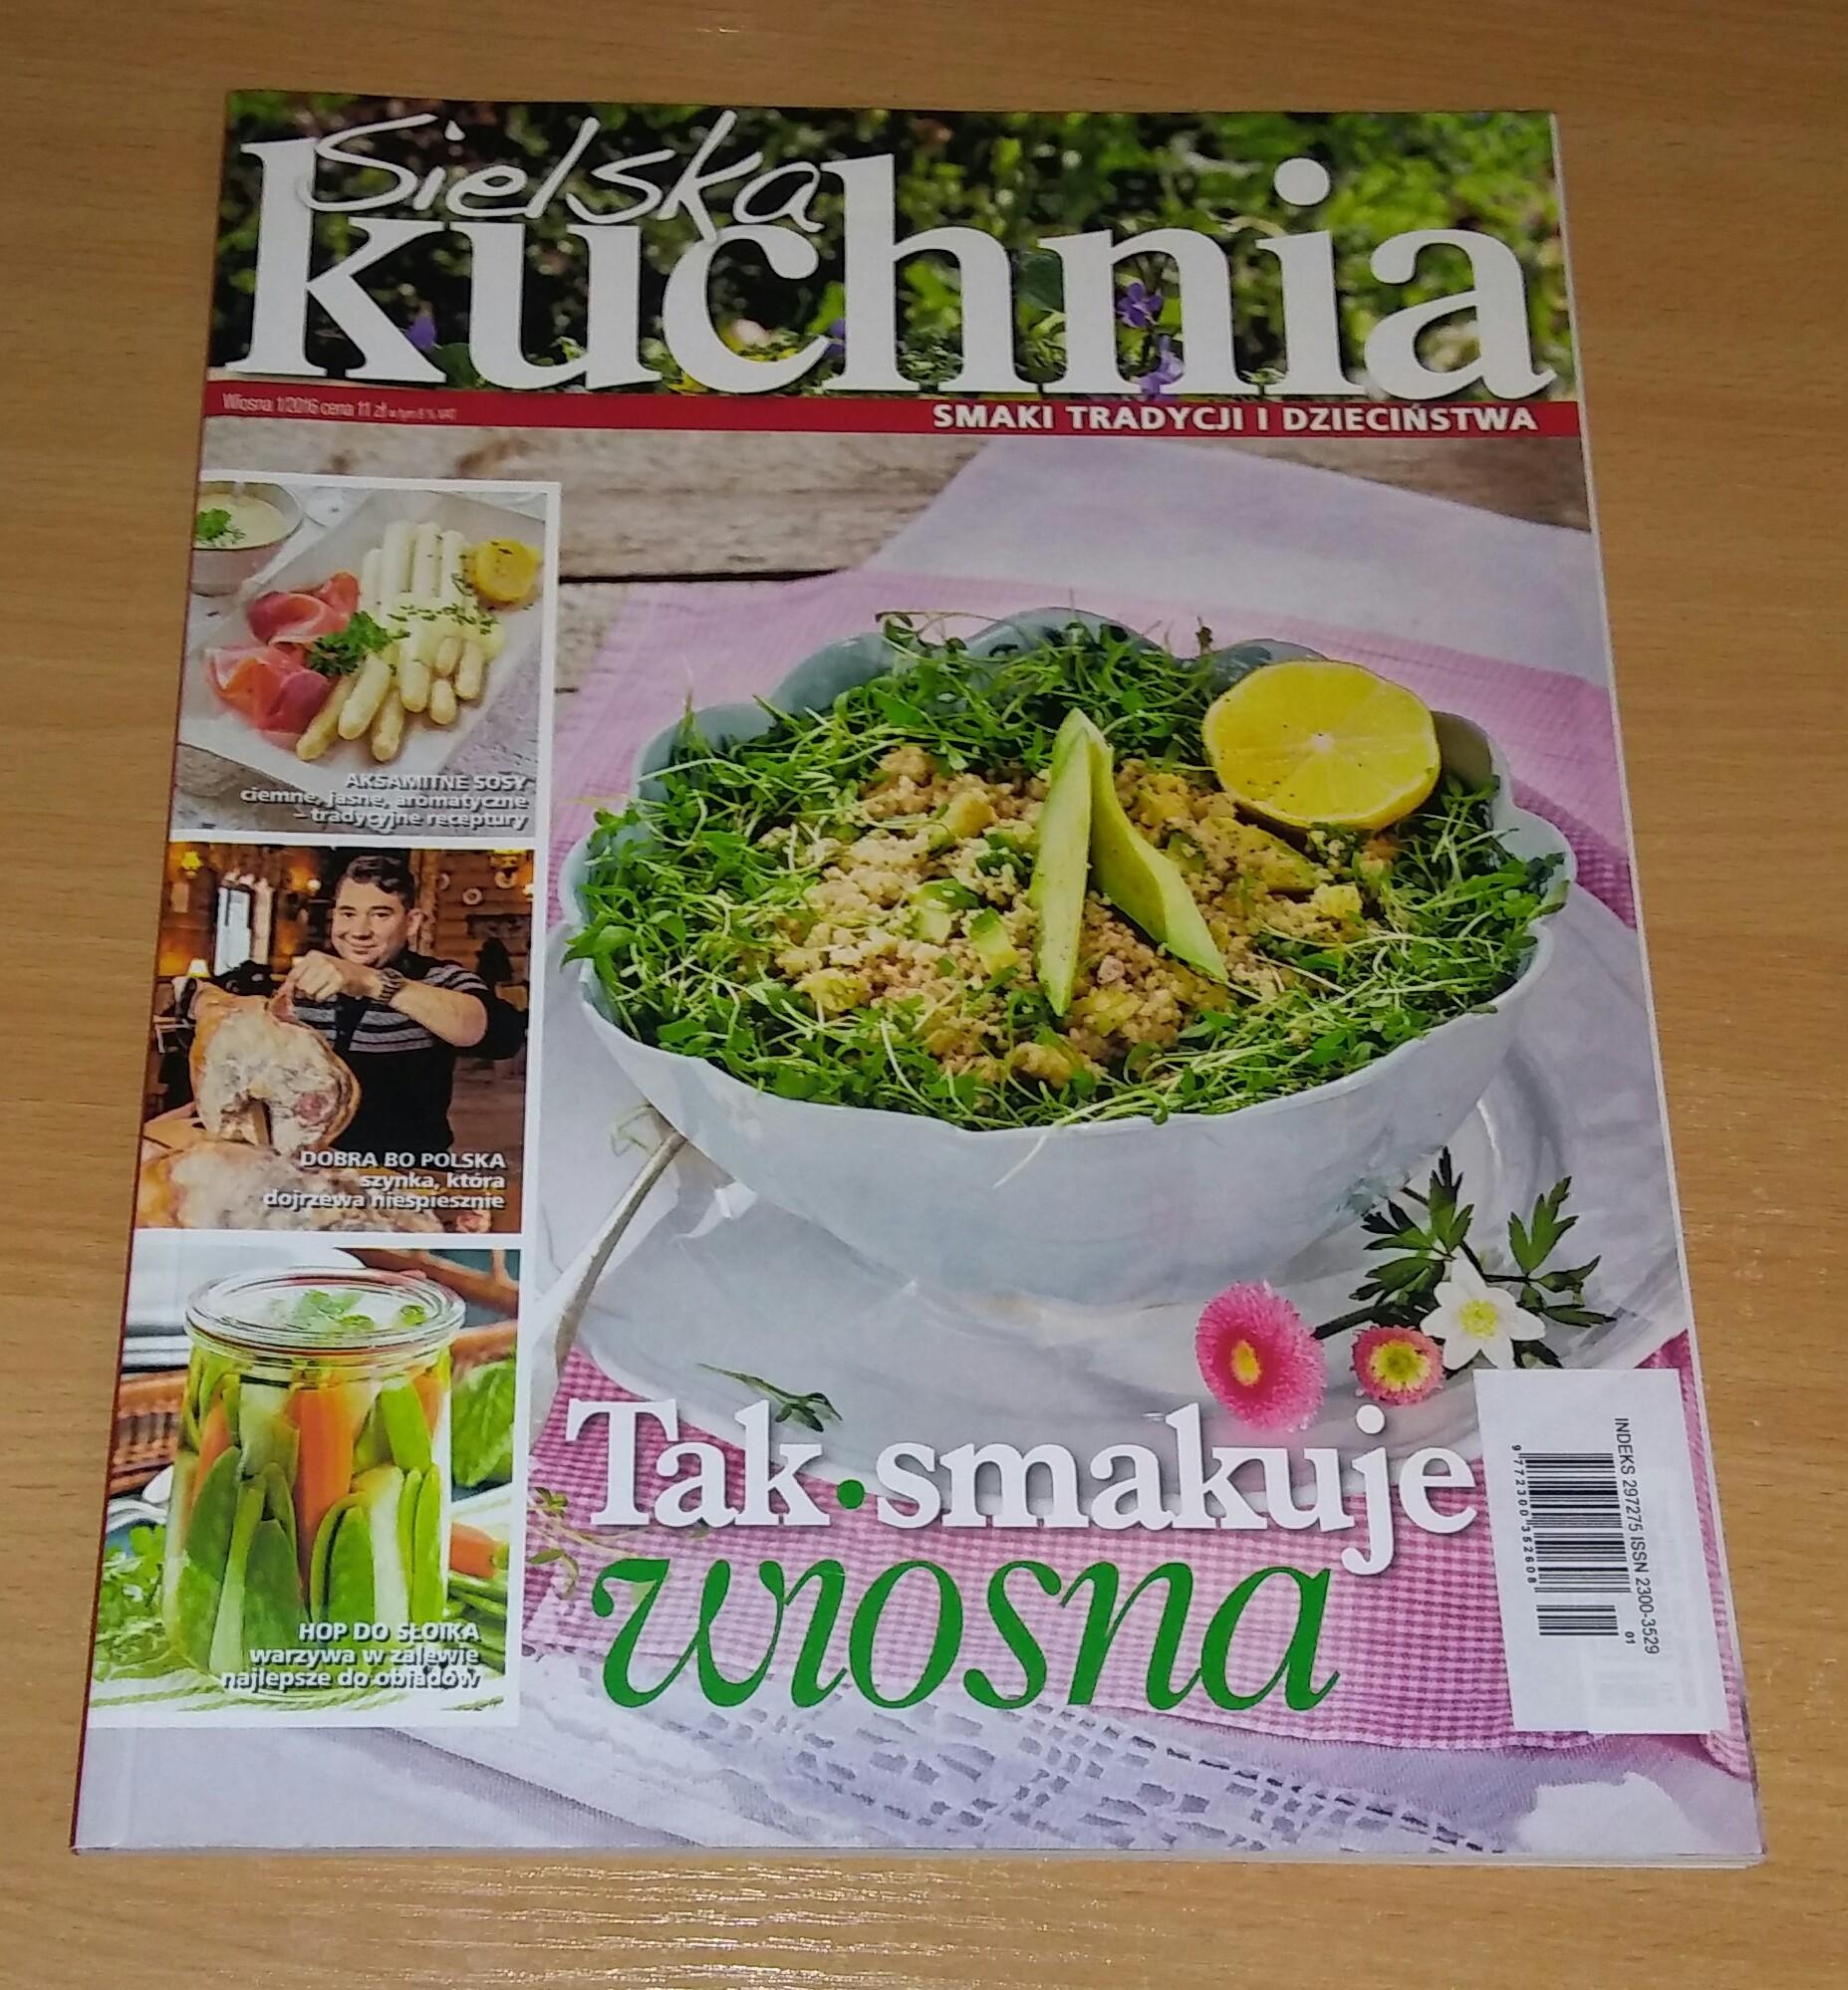 Sielska Kuchnia 12016 Smaki Tradycji Dzieciństwa